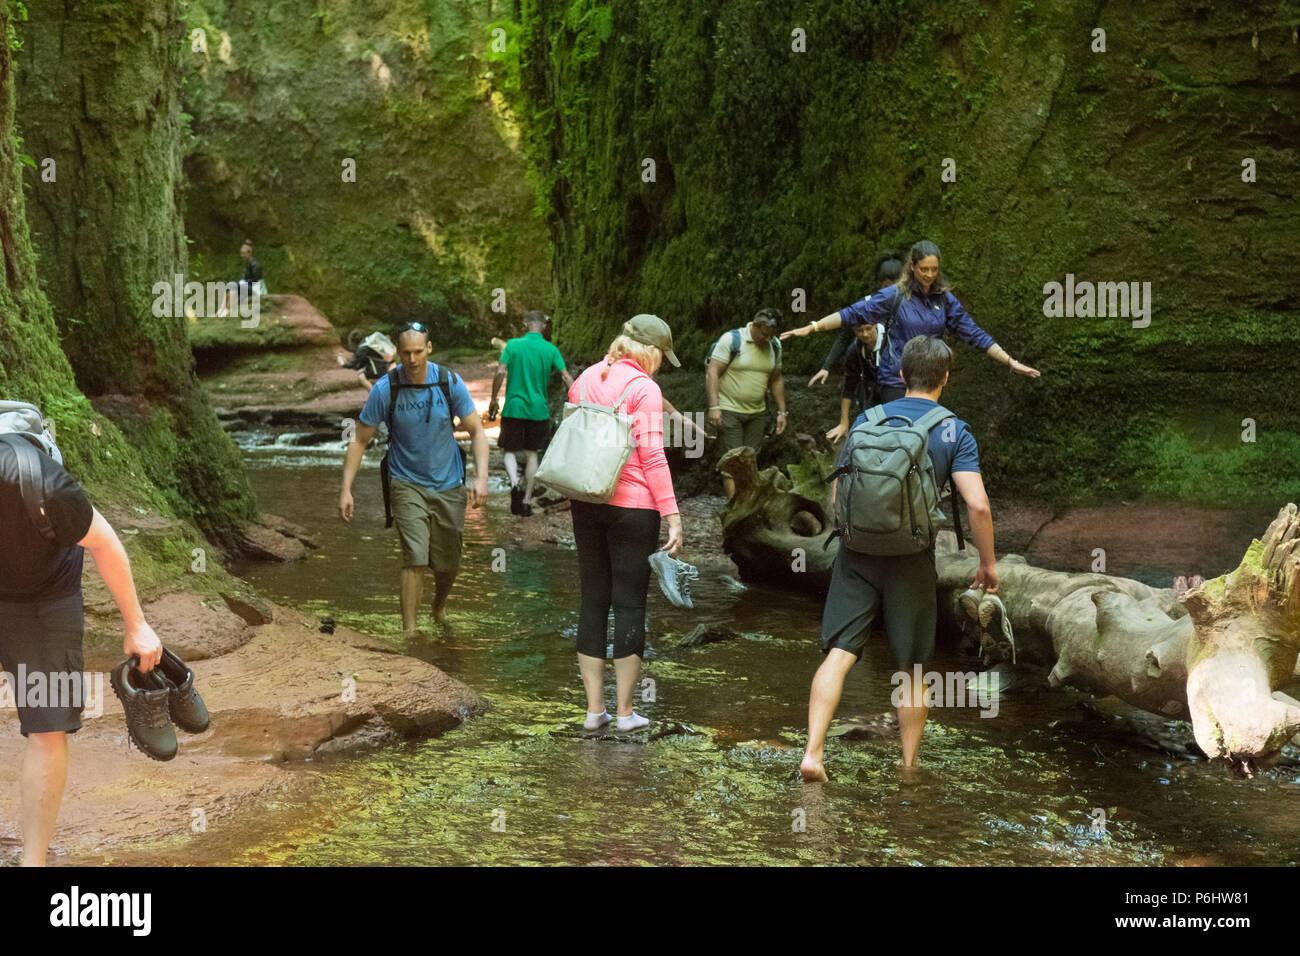 Touristen am Finnich Glen, Stirlingshire, Schottland - eine Schönheit Punkt unter erhöhtem Druck durch als Drehort in Outlander verwendet werden, Stockbild